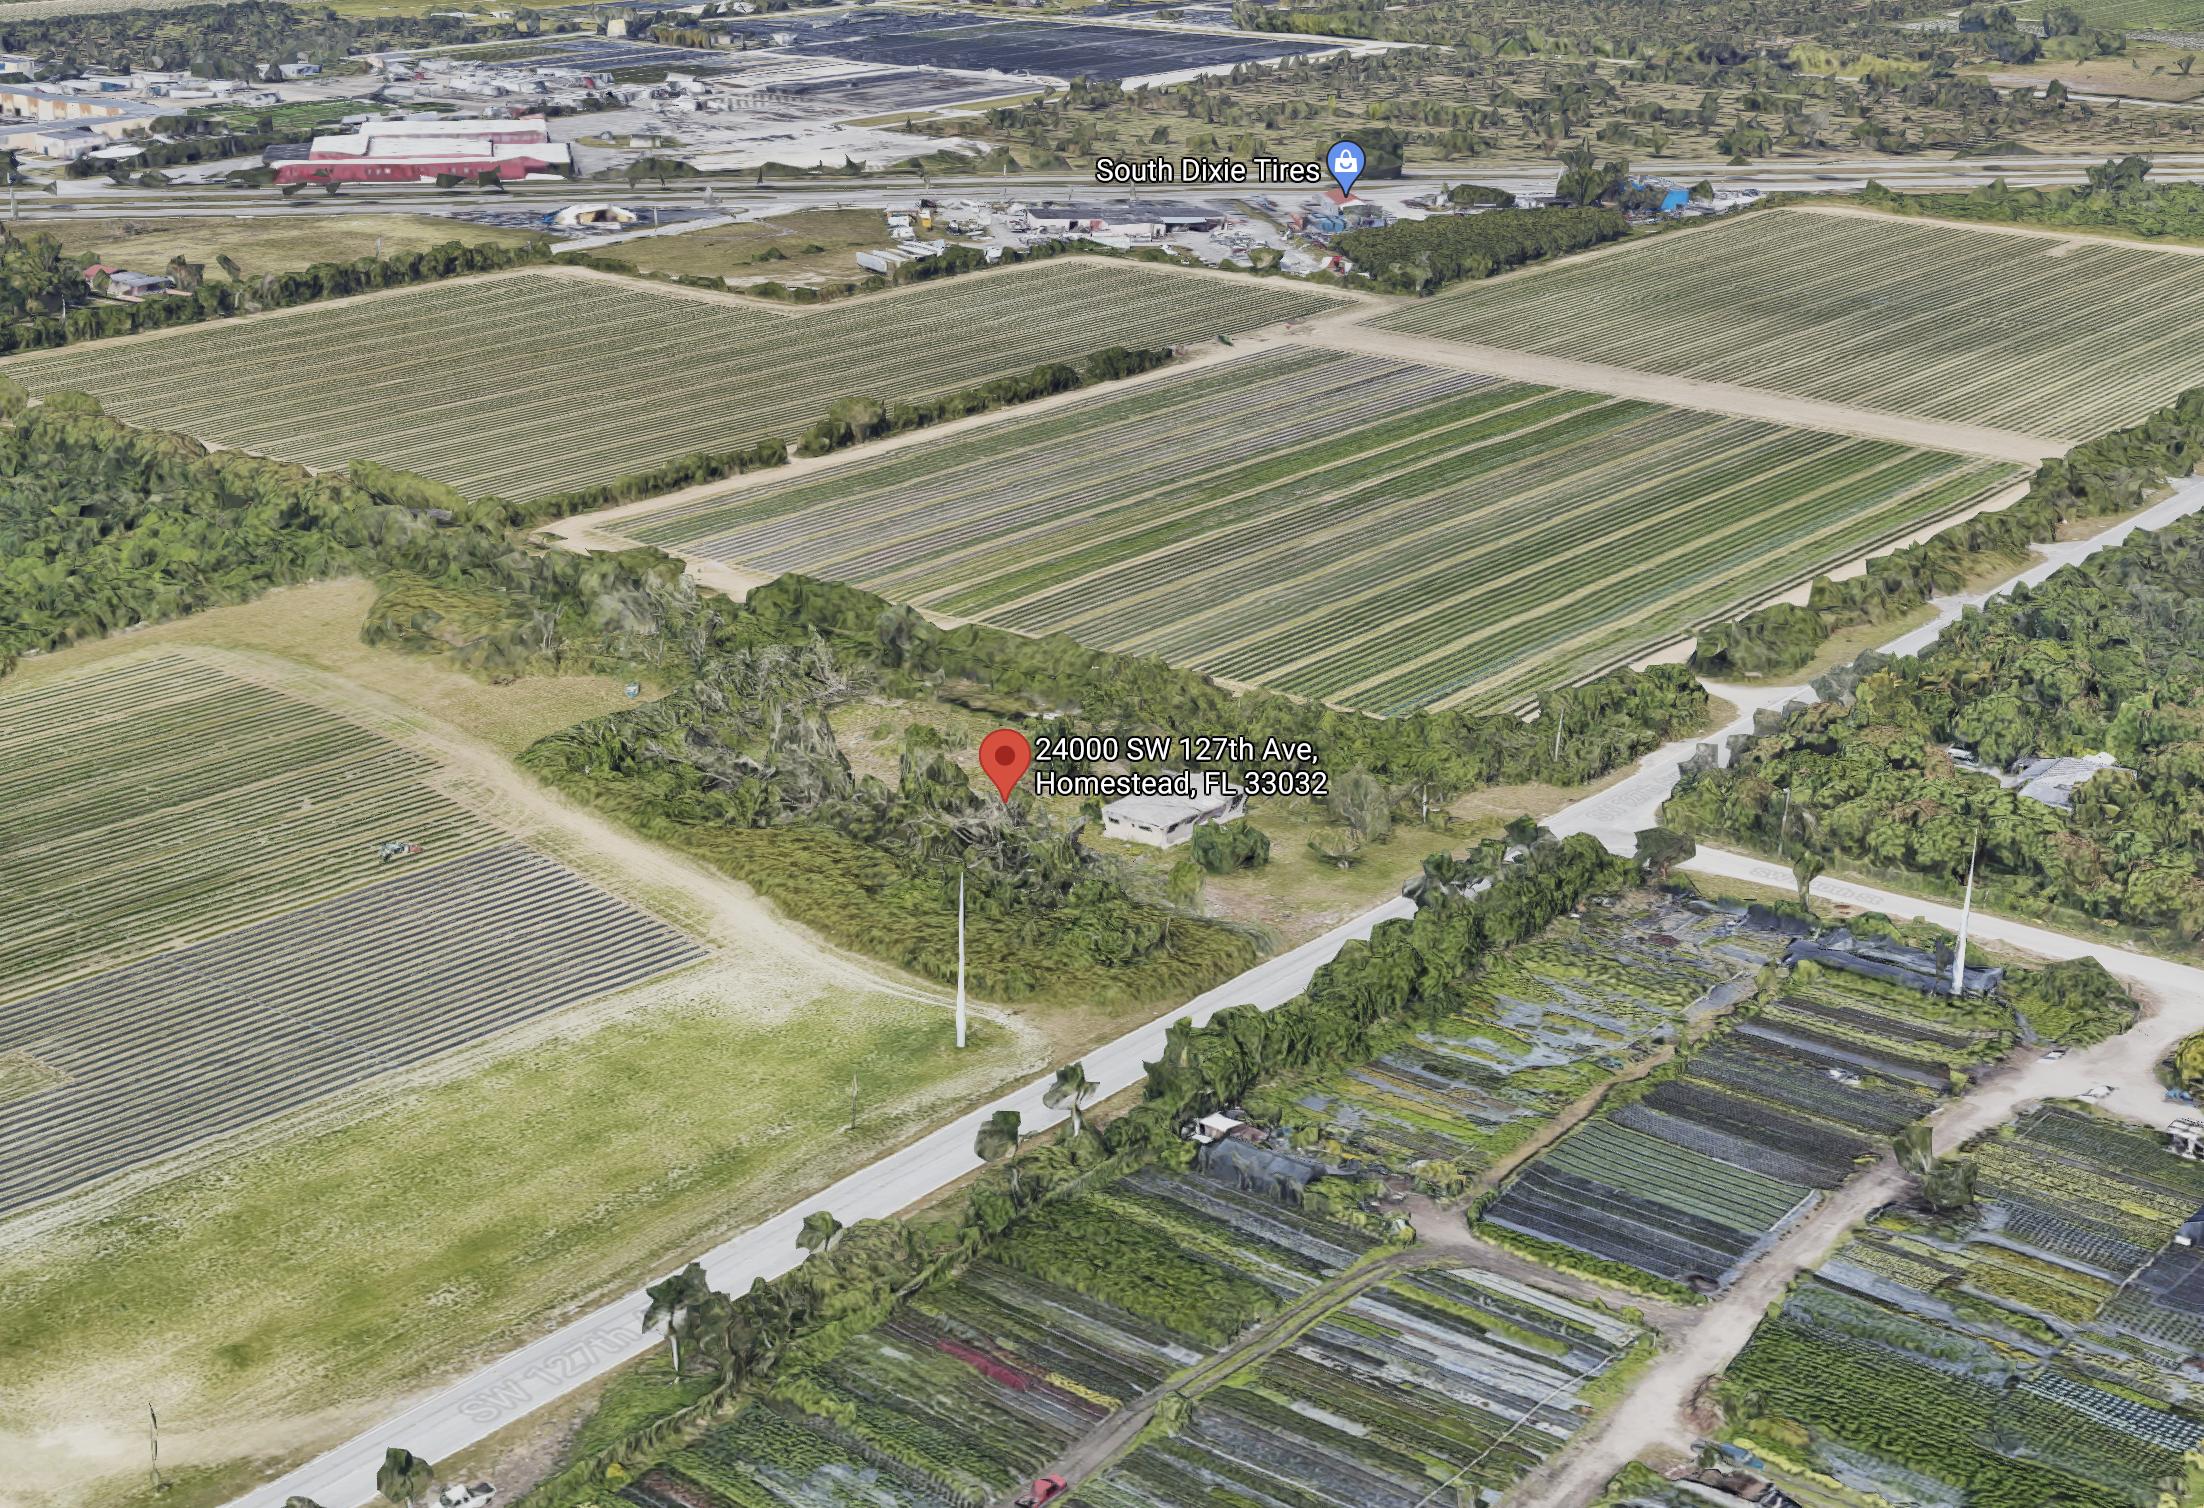 Subject Property. Courtesy of Google Maps.